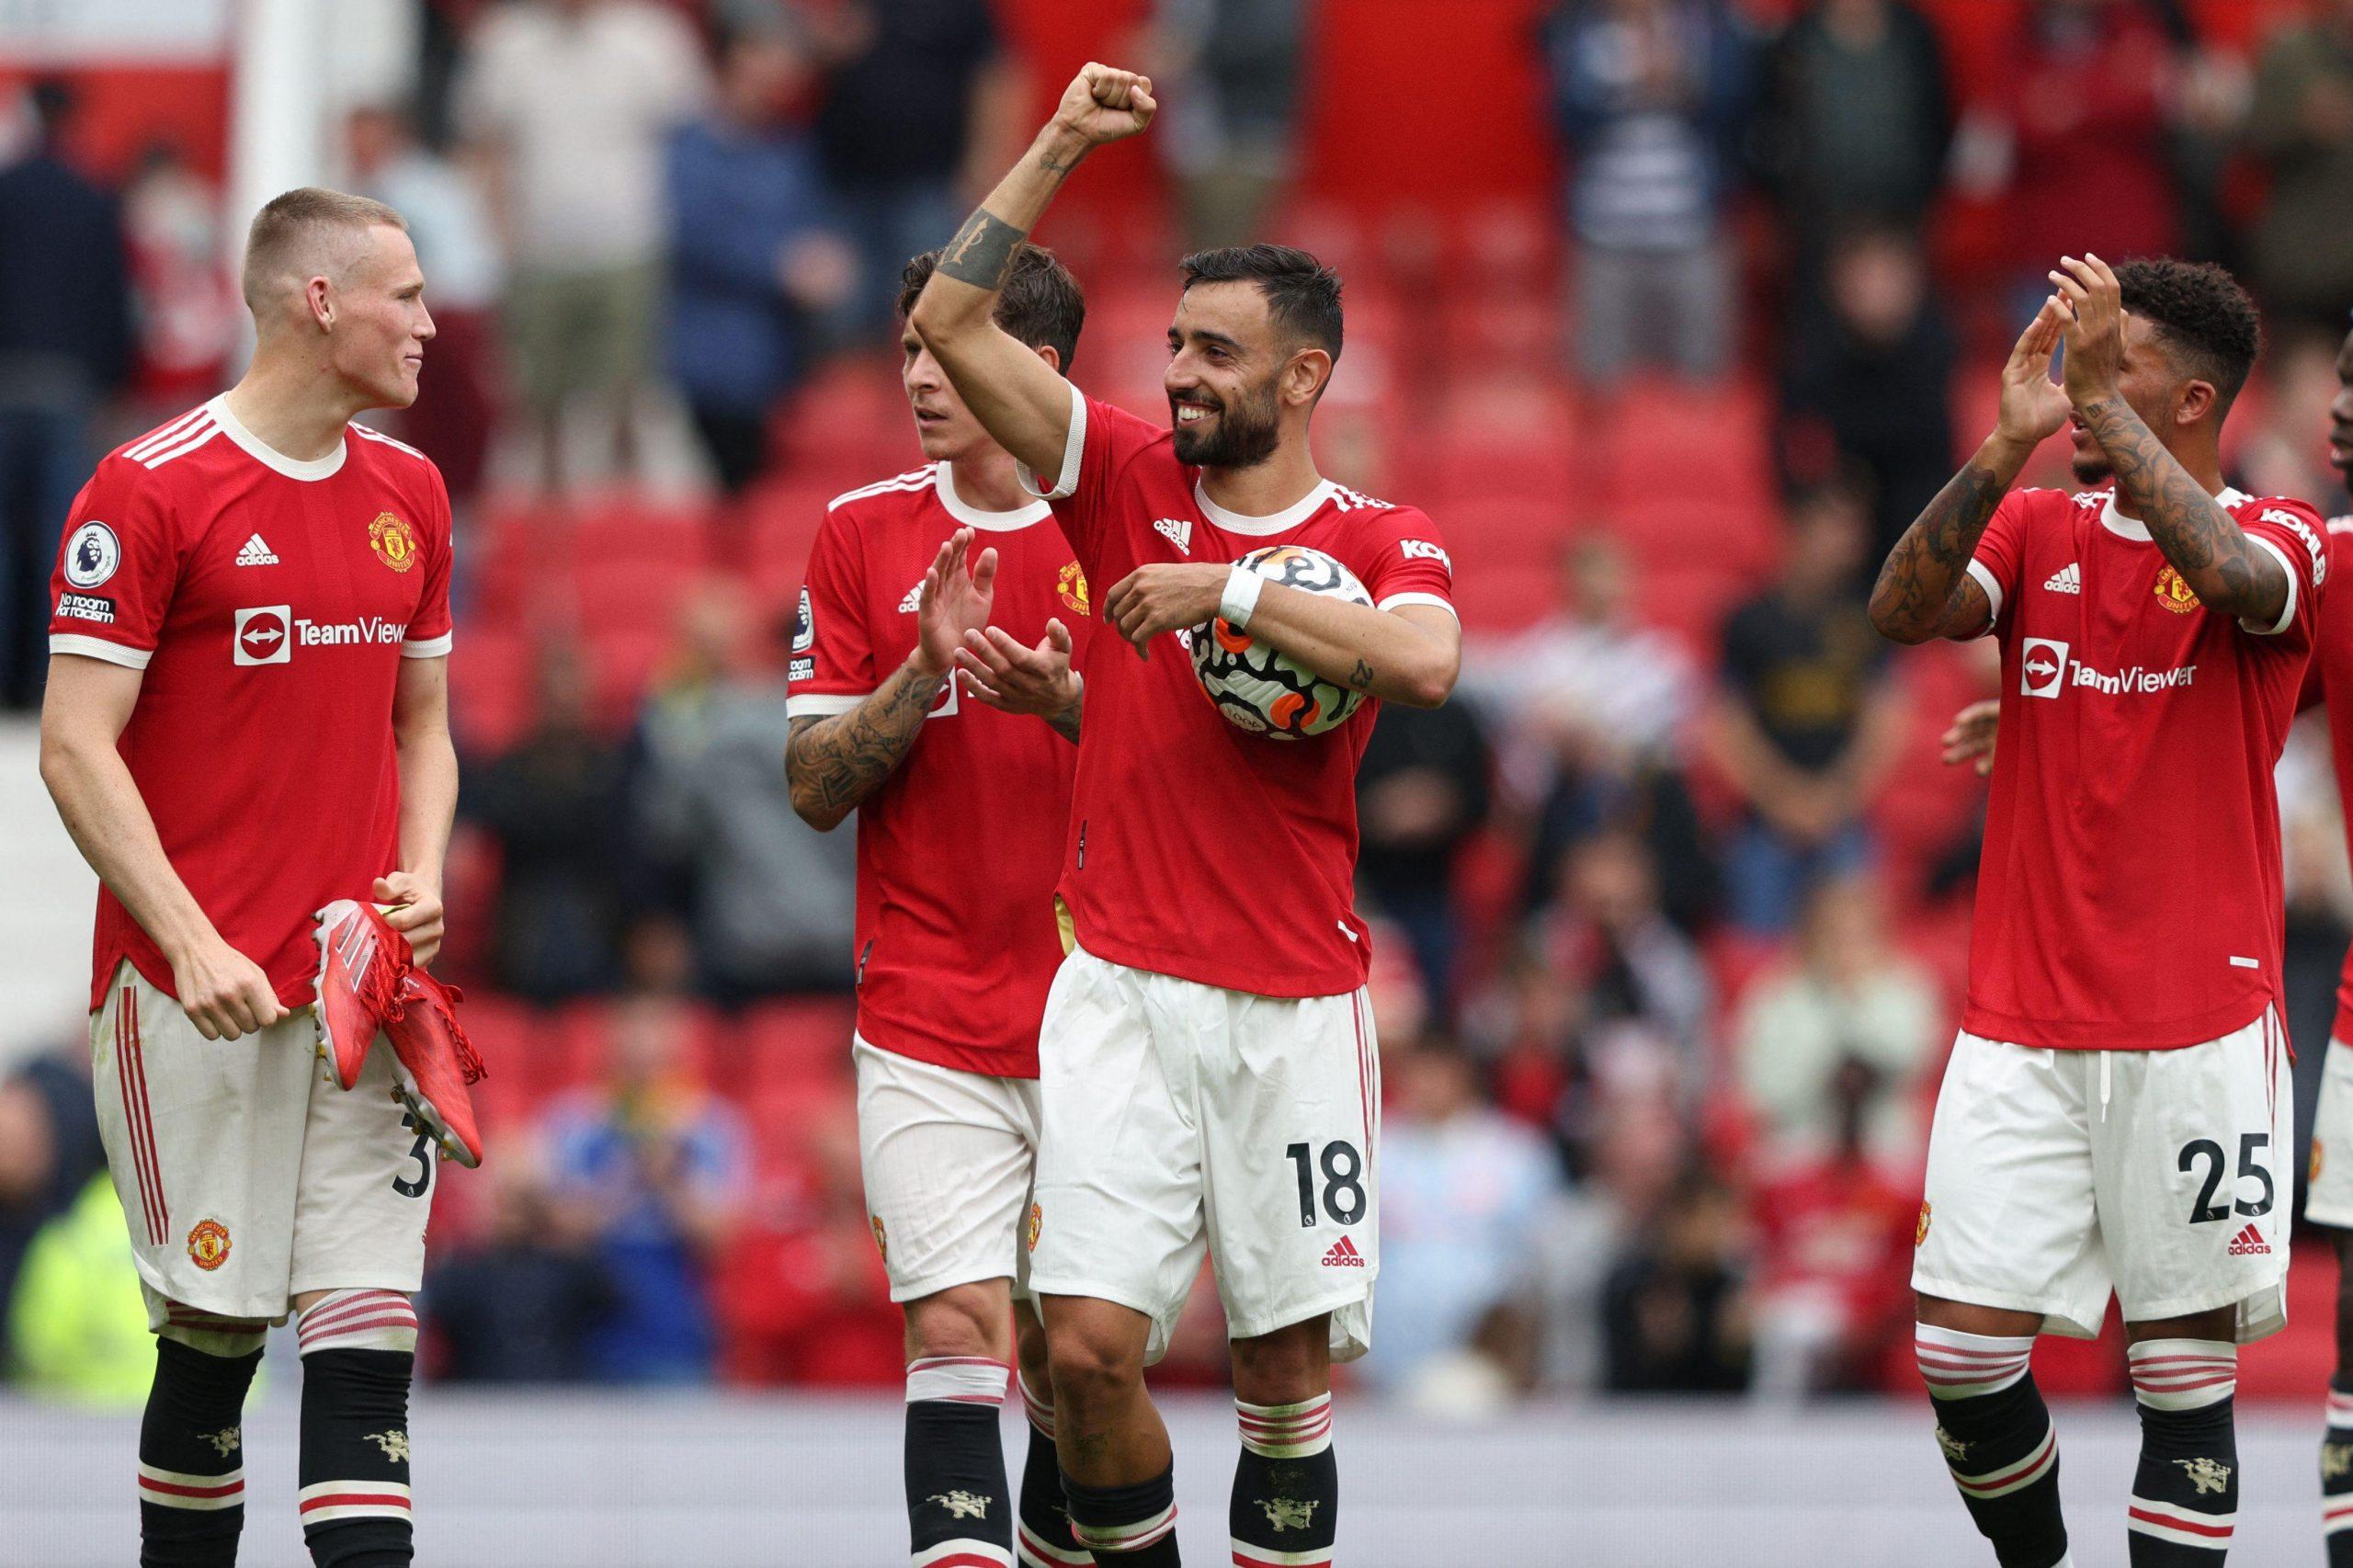 Manchester United - Leeds United maç sonucu: 5-1